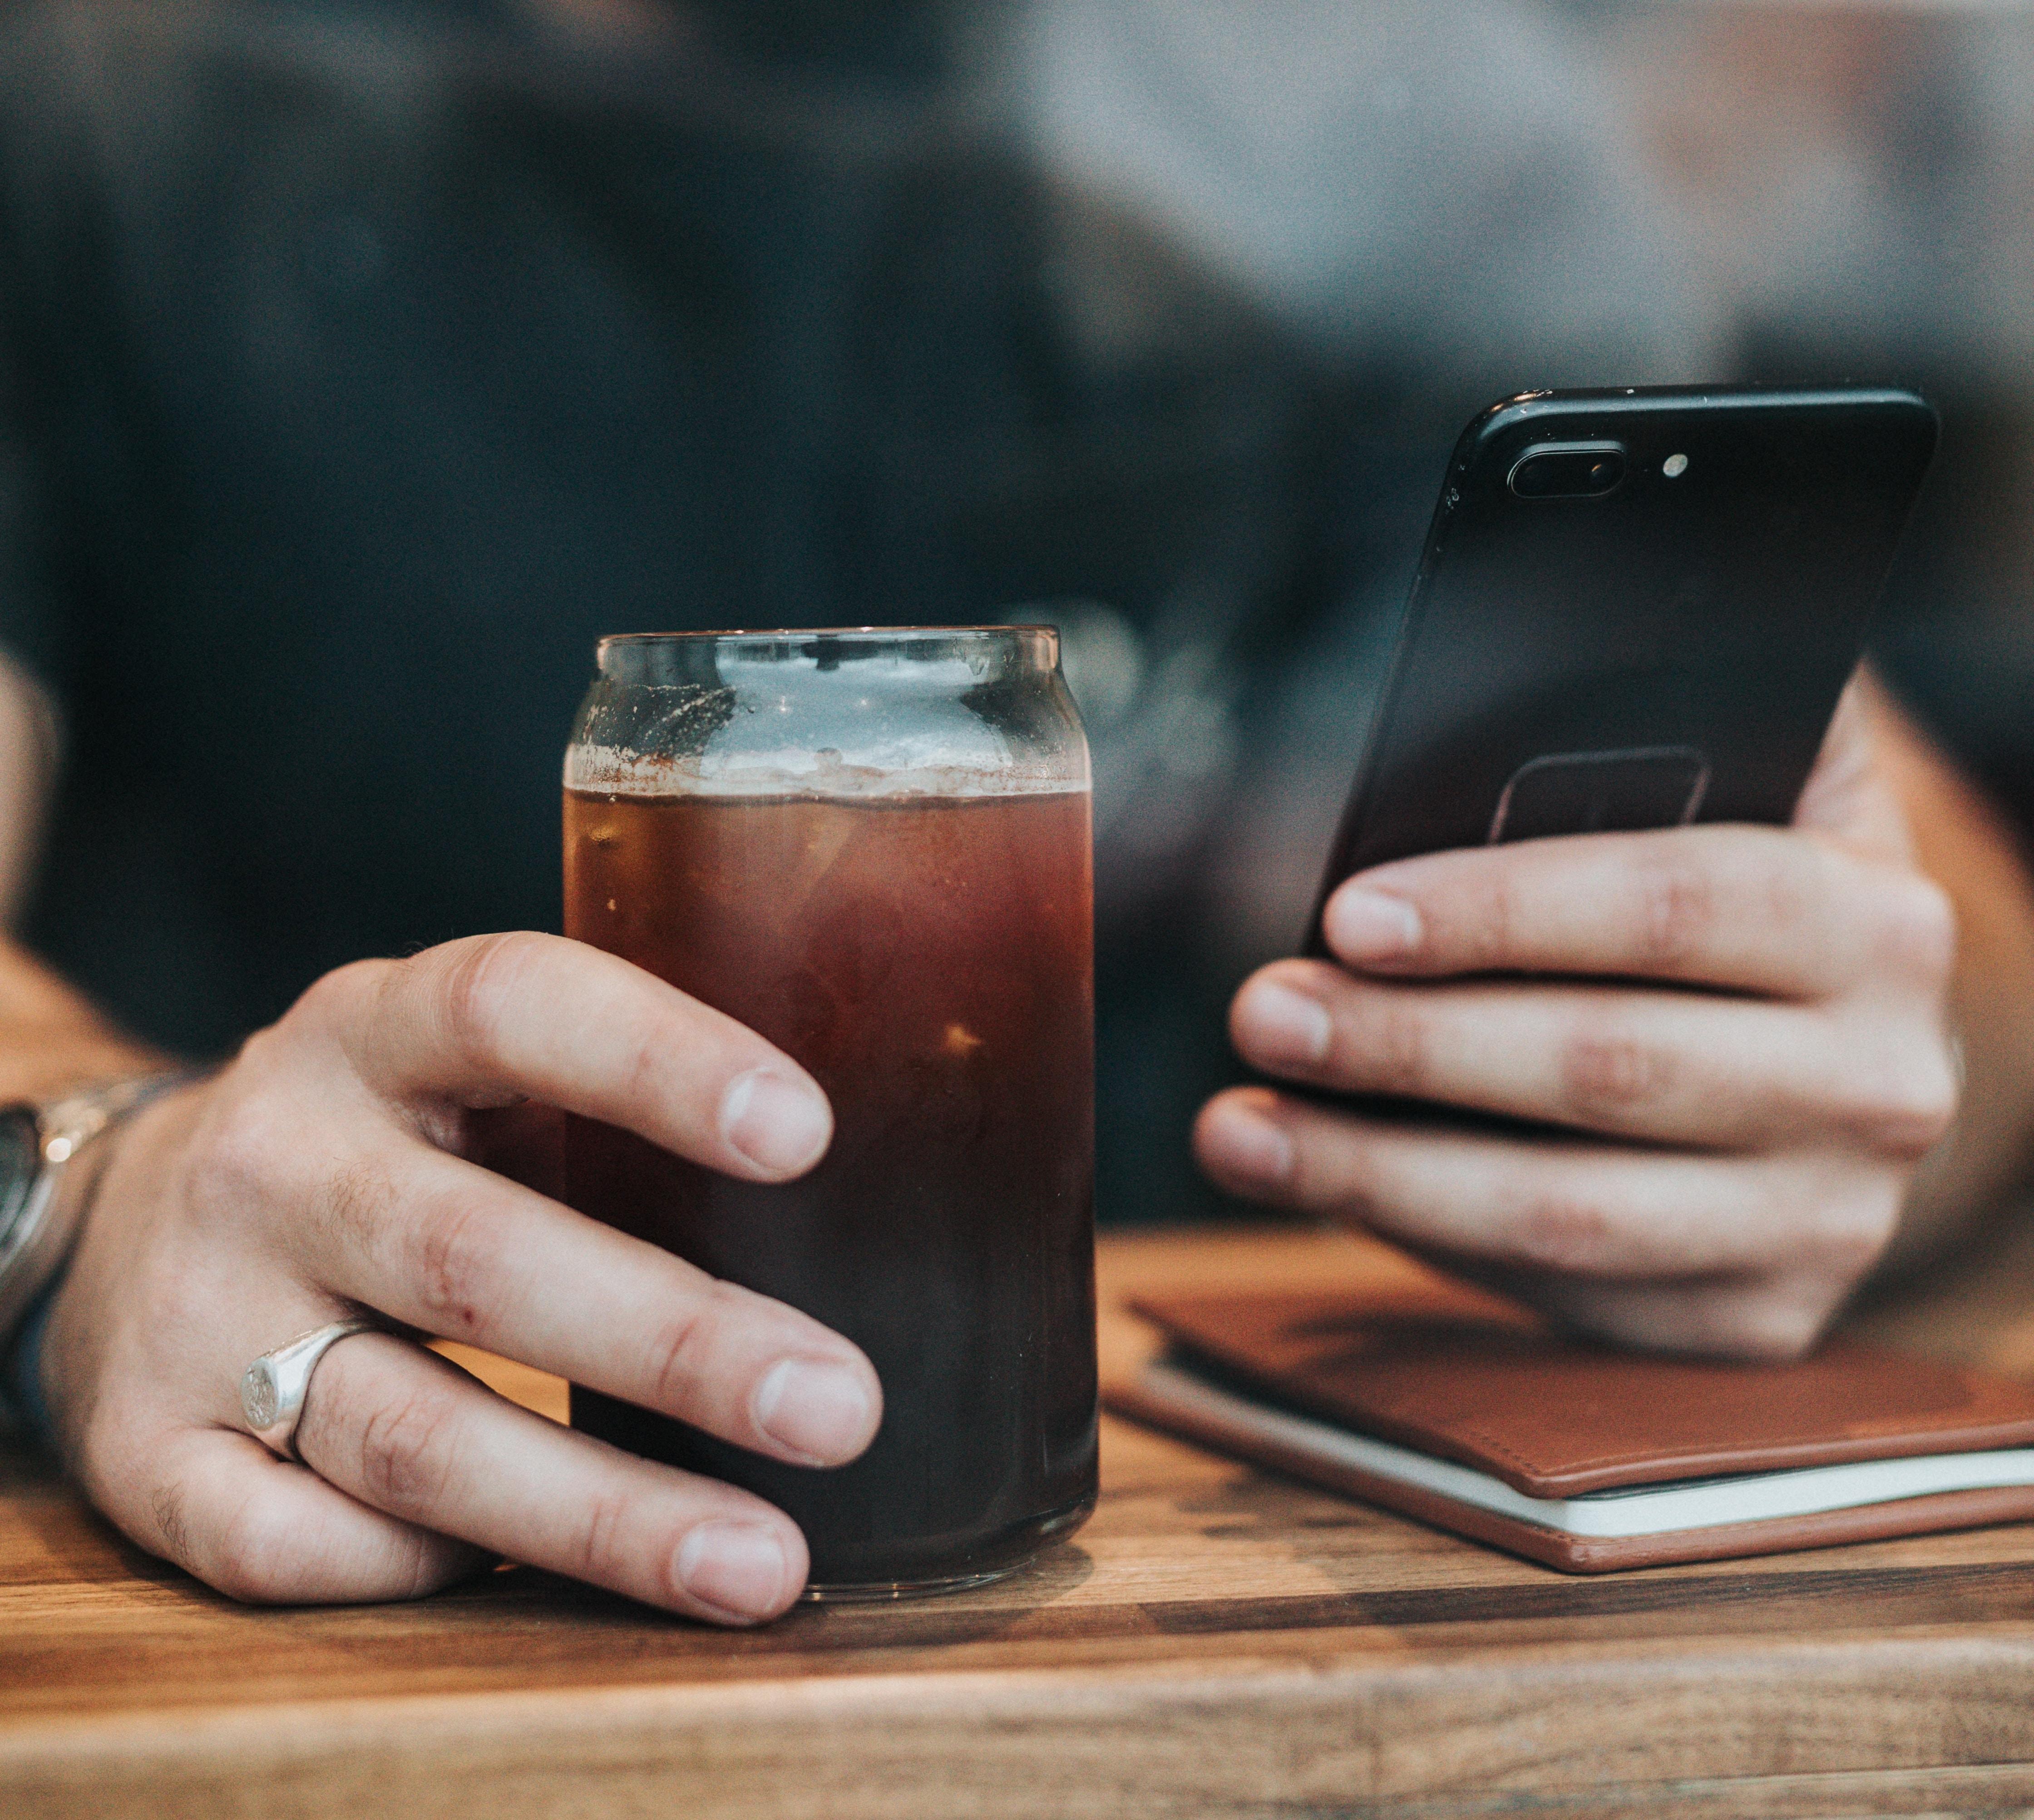 Comprendre les mécanismes d'addiction aux applications et aux réseaux sociaux